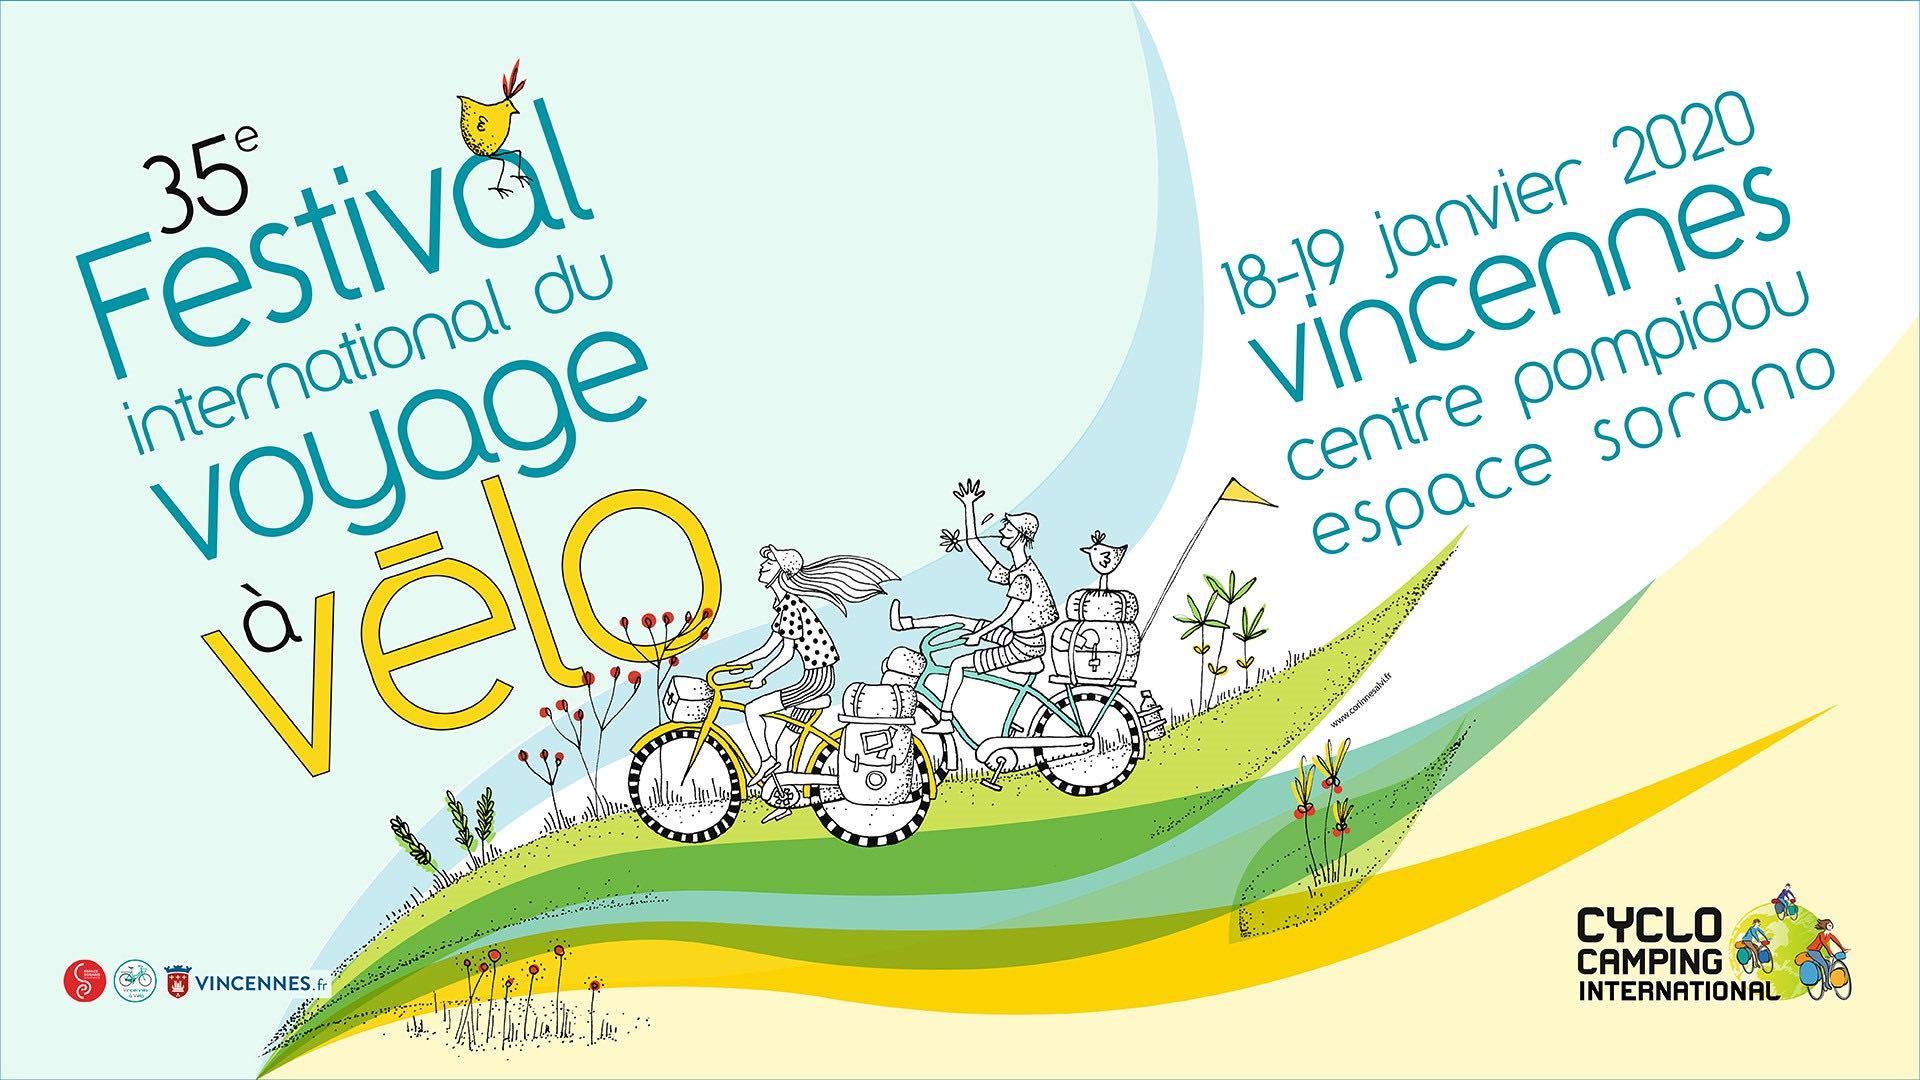 Acier vintage pour voyage au long cours Affiche_Festival_international_voyage_velo_2020